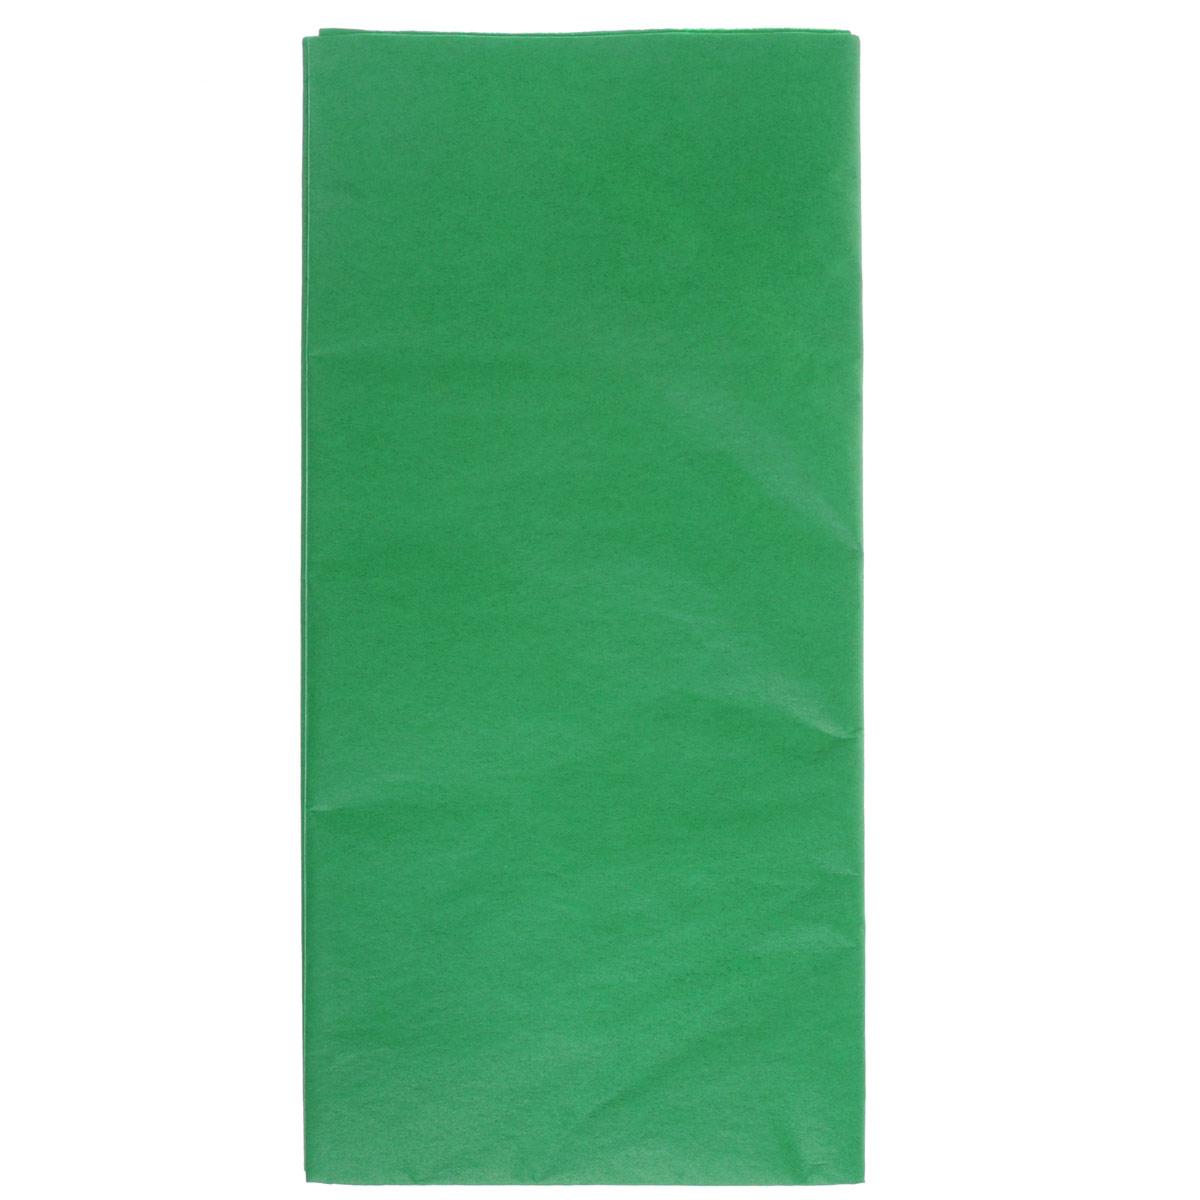 Бумага папиросная Folia, цвет: зеленый (50), 50 х 70 см, 5 листов. 7708123_5055052Бумага папиросная Folia - это великолепная тонкая и эластичная декоративная бумага. Такая бумага очень хороша для изготовления своими руками цветов и букетов с конфетами, топиариев, декорирования праздничных мероприятий. Также из нее получается шикарная упаковка для подарков. Интересный эффект дает сочетание мягкой полупрозрачной фактуры папиросной бумаги с жатыми и матовыми фактурами: креп-бумагой, тутовой и различными видами картона. Бумага очень тонкая, полупрозрачная - поэтому ее можно оригинально использовать в декоре стекла, светильников и гирлянд. Достаточно большие размеры листа и богатая цветовая палитра дают простор вашей творческой фантазии. Размер листа: 50 см х 70 см.Плотность: 20 г/м2.